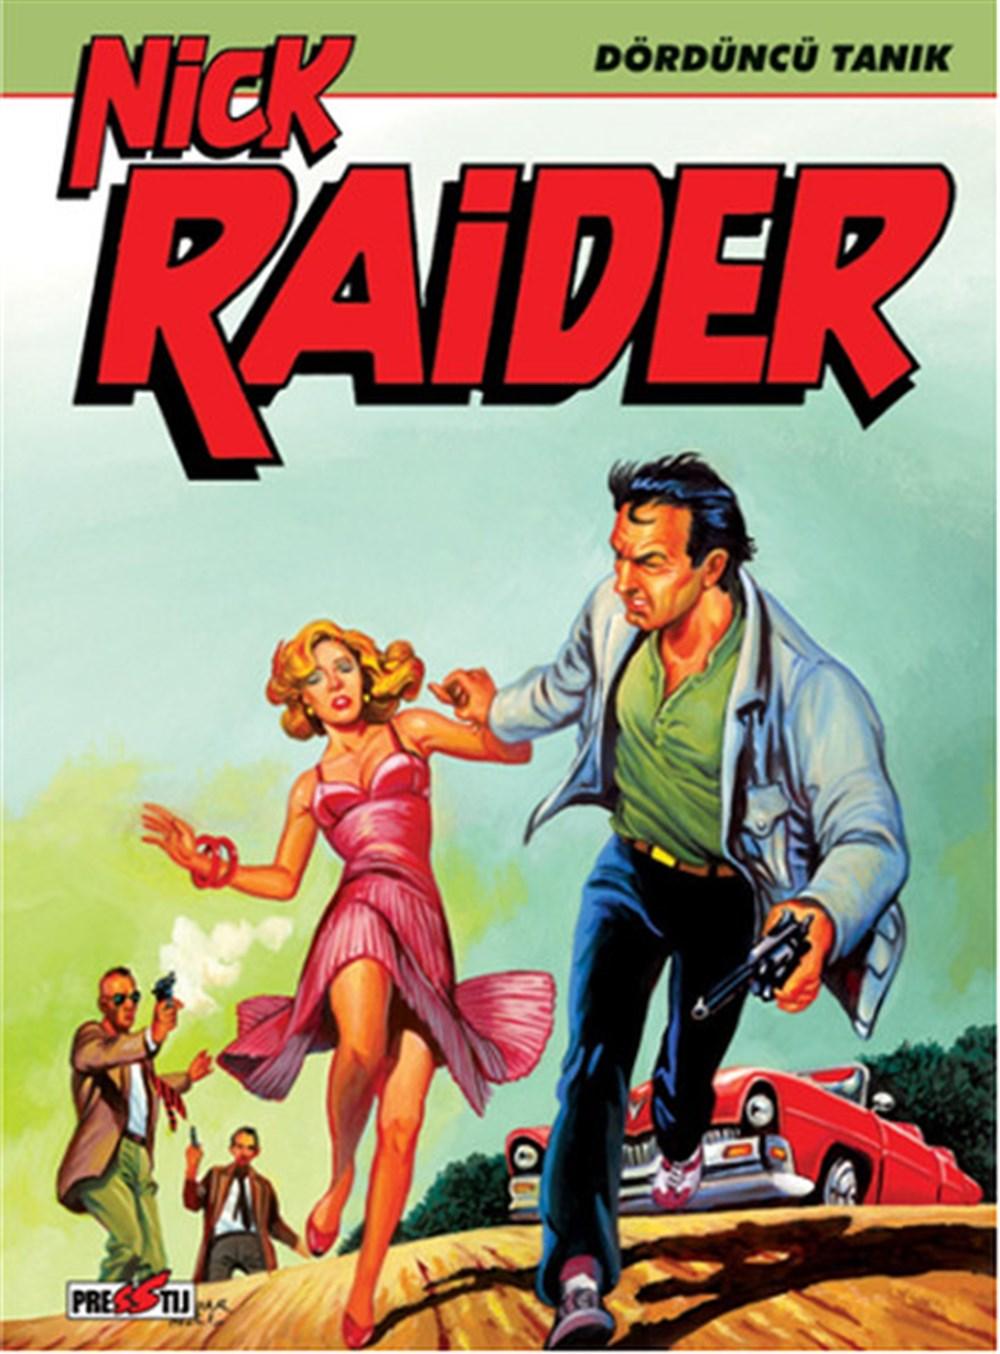 Nick Raider Cilt 2 - Dördüncü Tanık